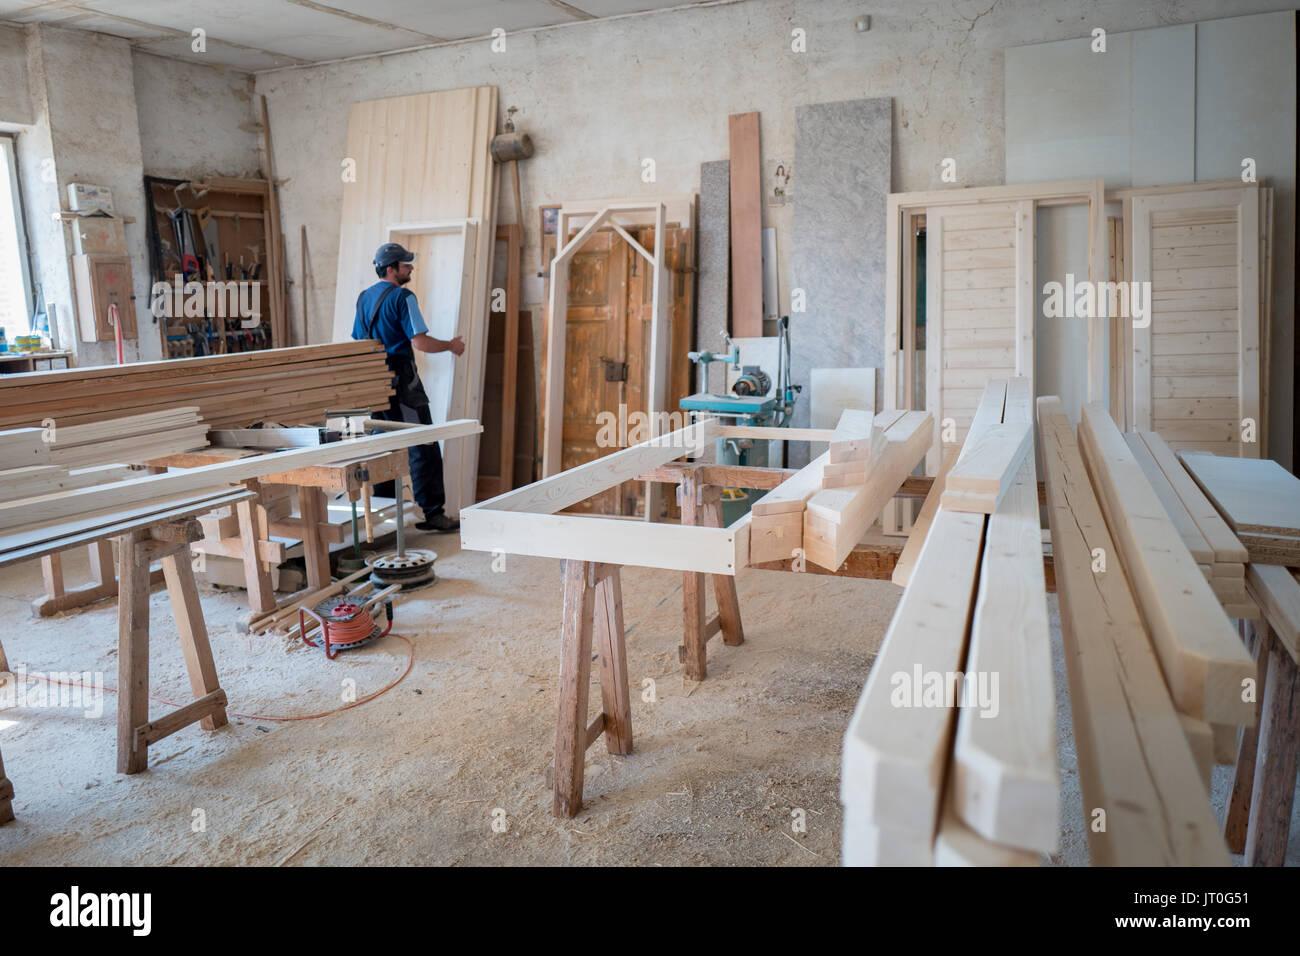 Carpintero en carpintería Imagen De Stock